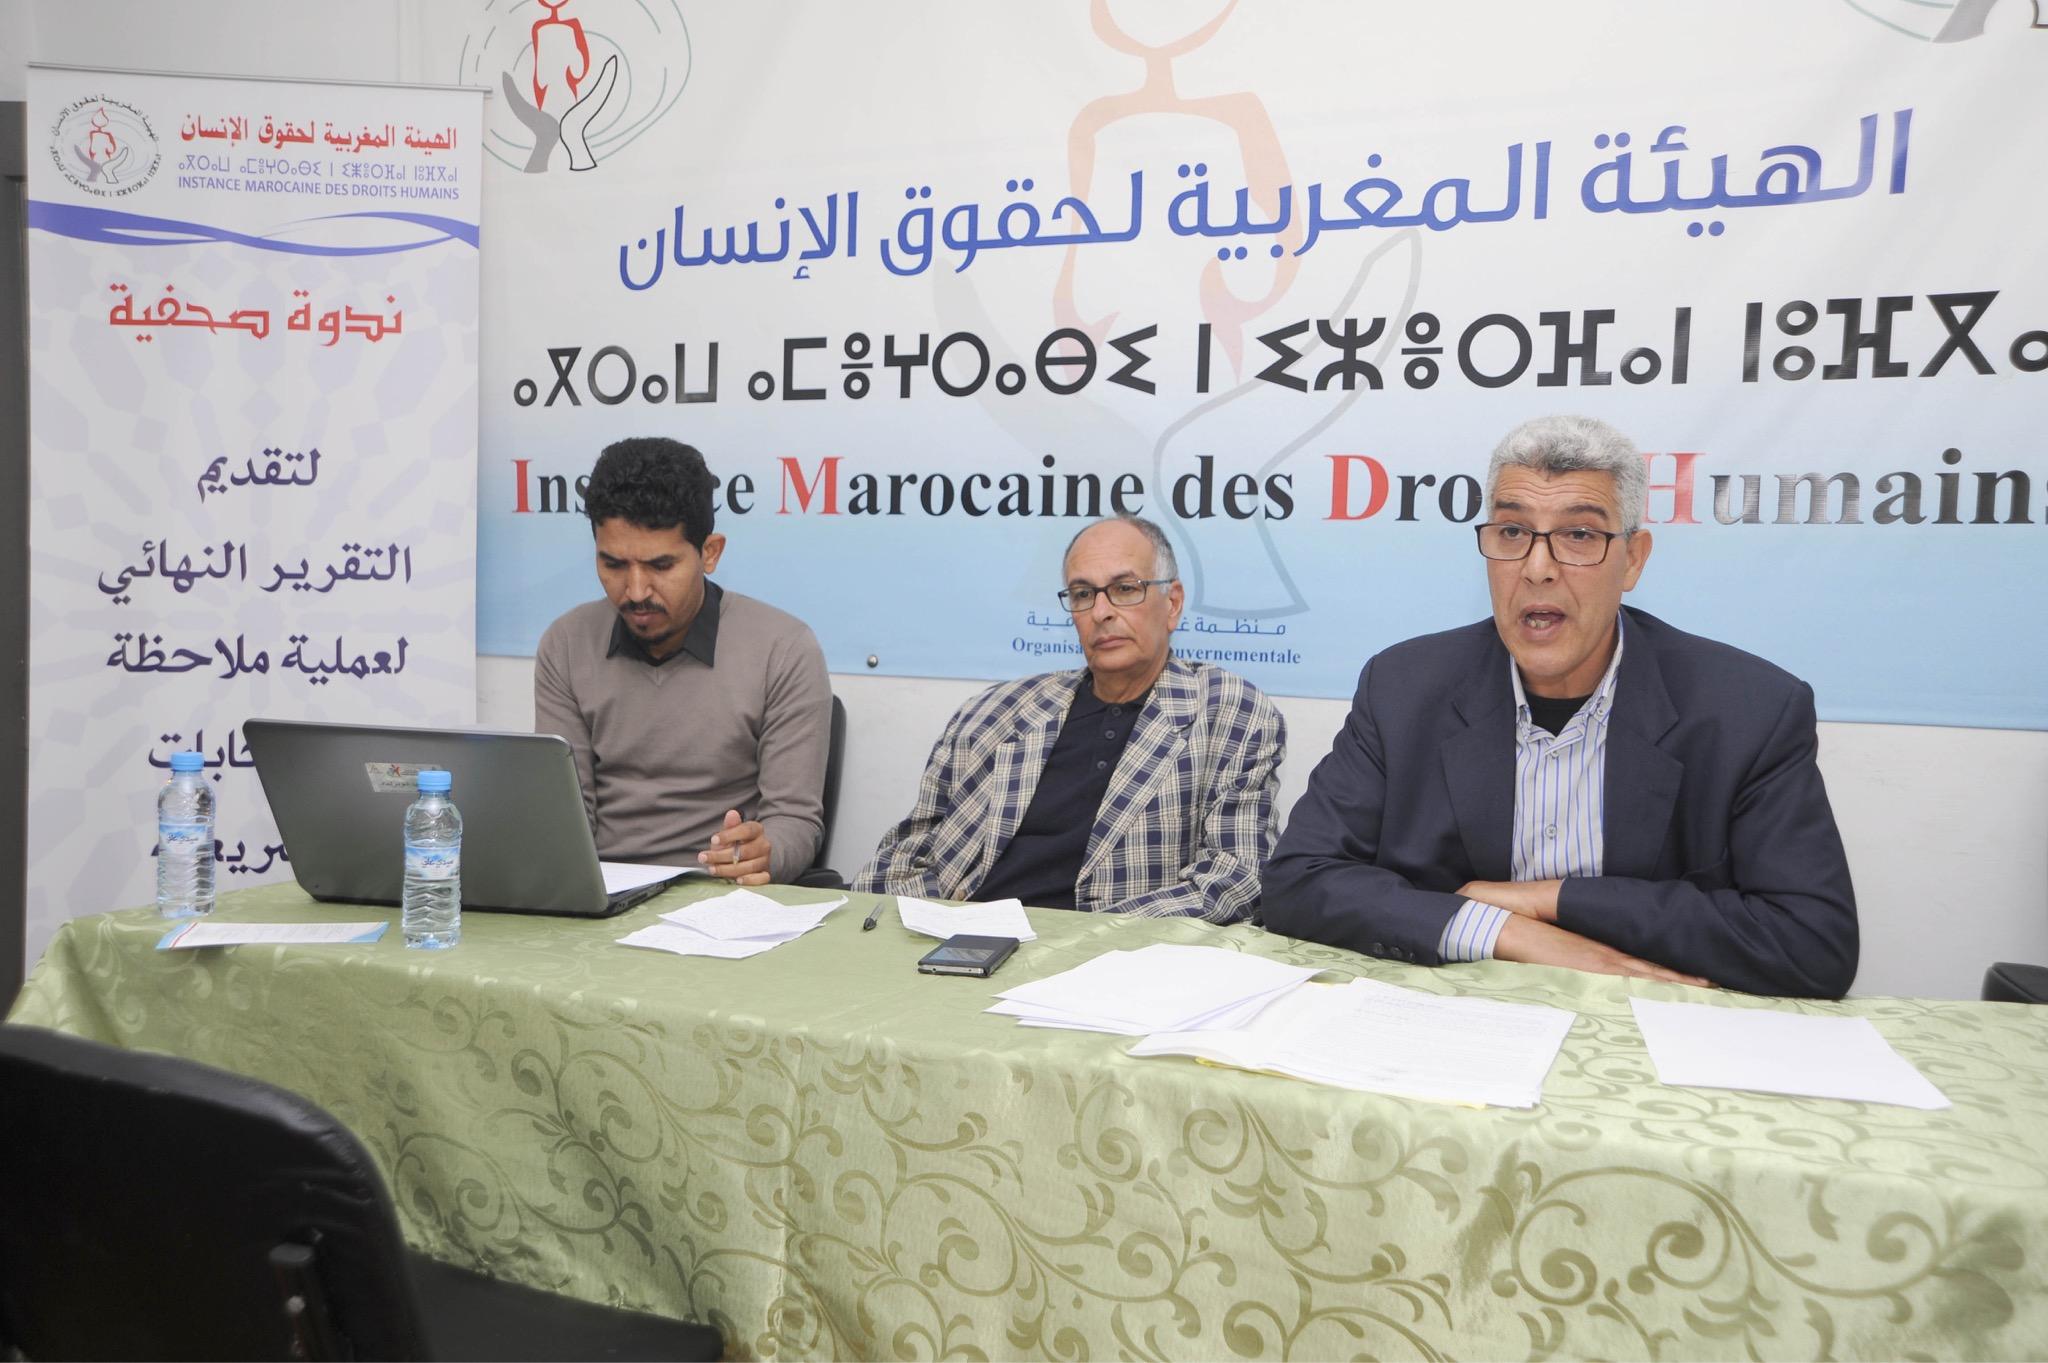 جمعية حقوقية: انتخابات أكتوبر شهدت توزيع المال وتدخل السلطة